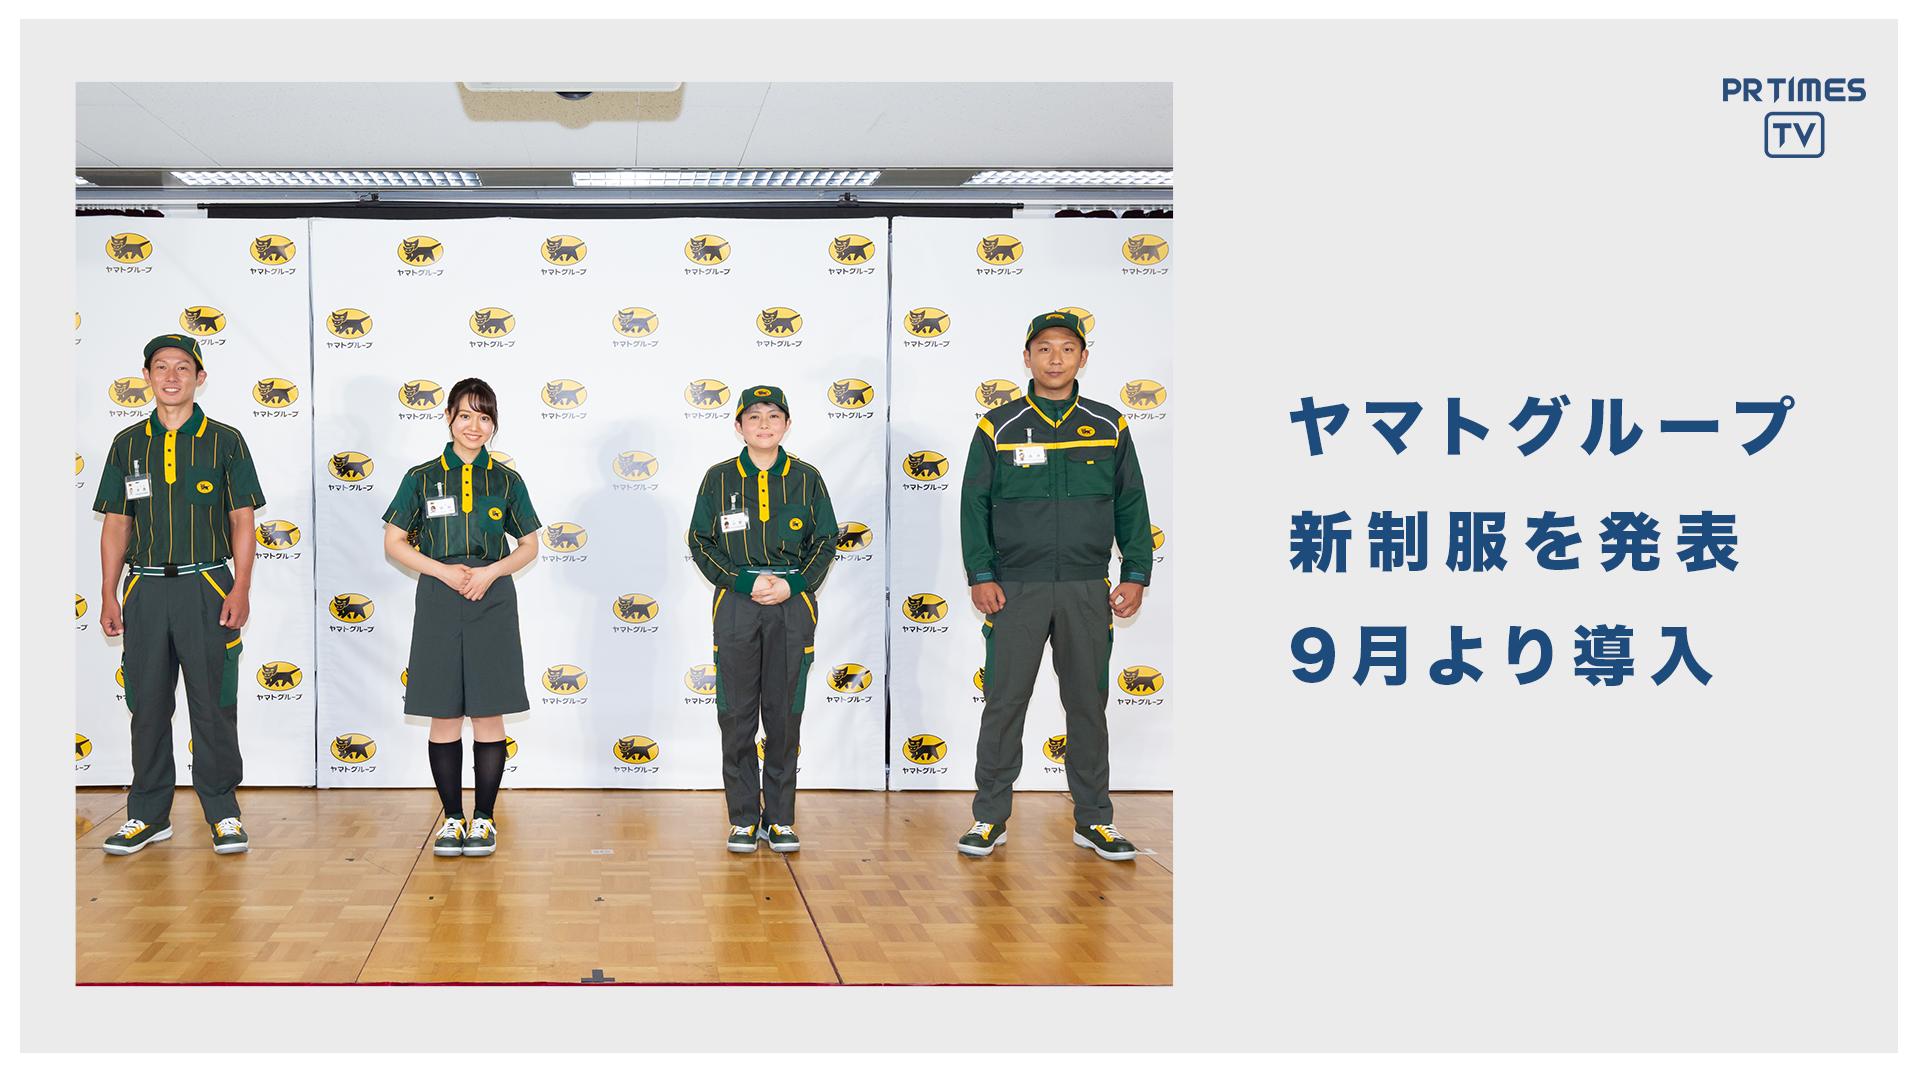 ヤマトグループ、「働きやすさ」と「環境への配慮」を両立した新制服を発表 2020年9月より着用開始